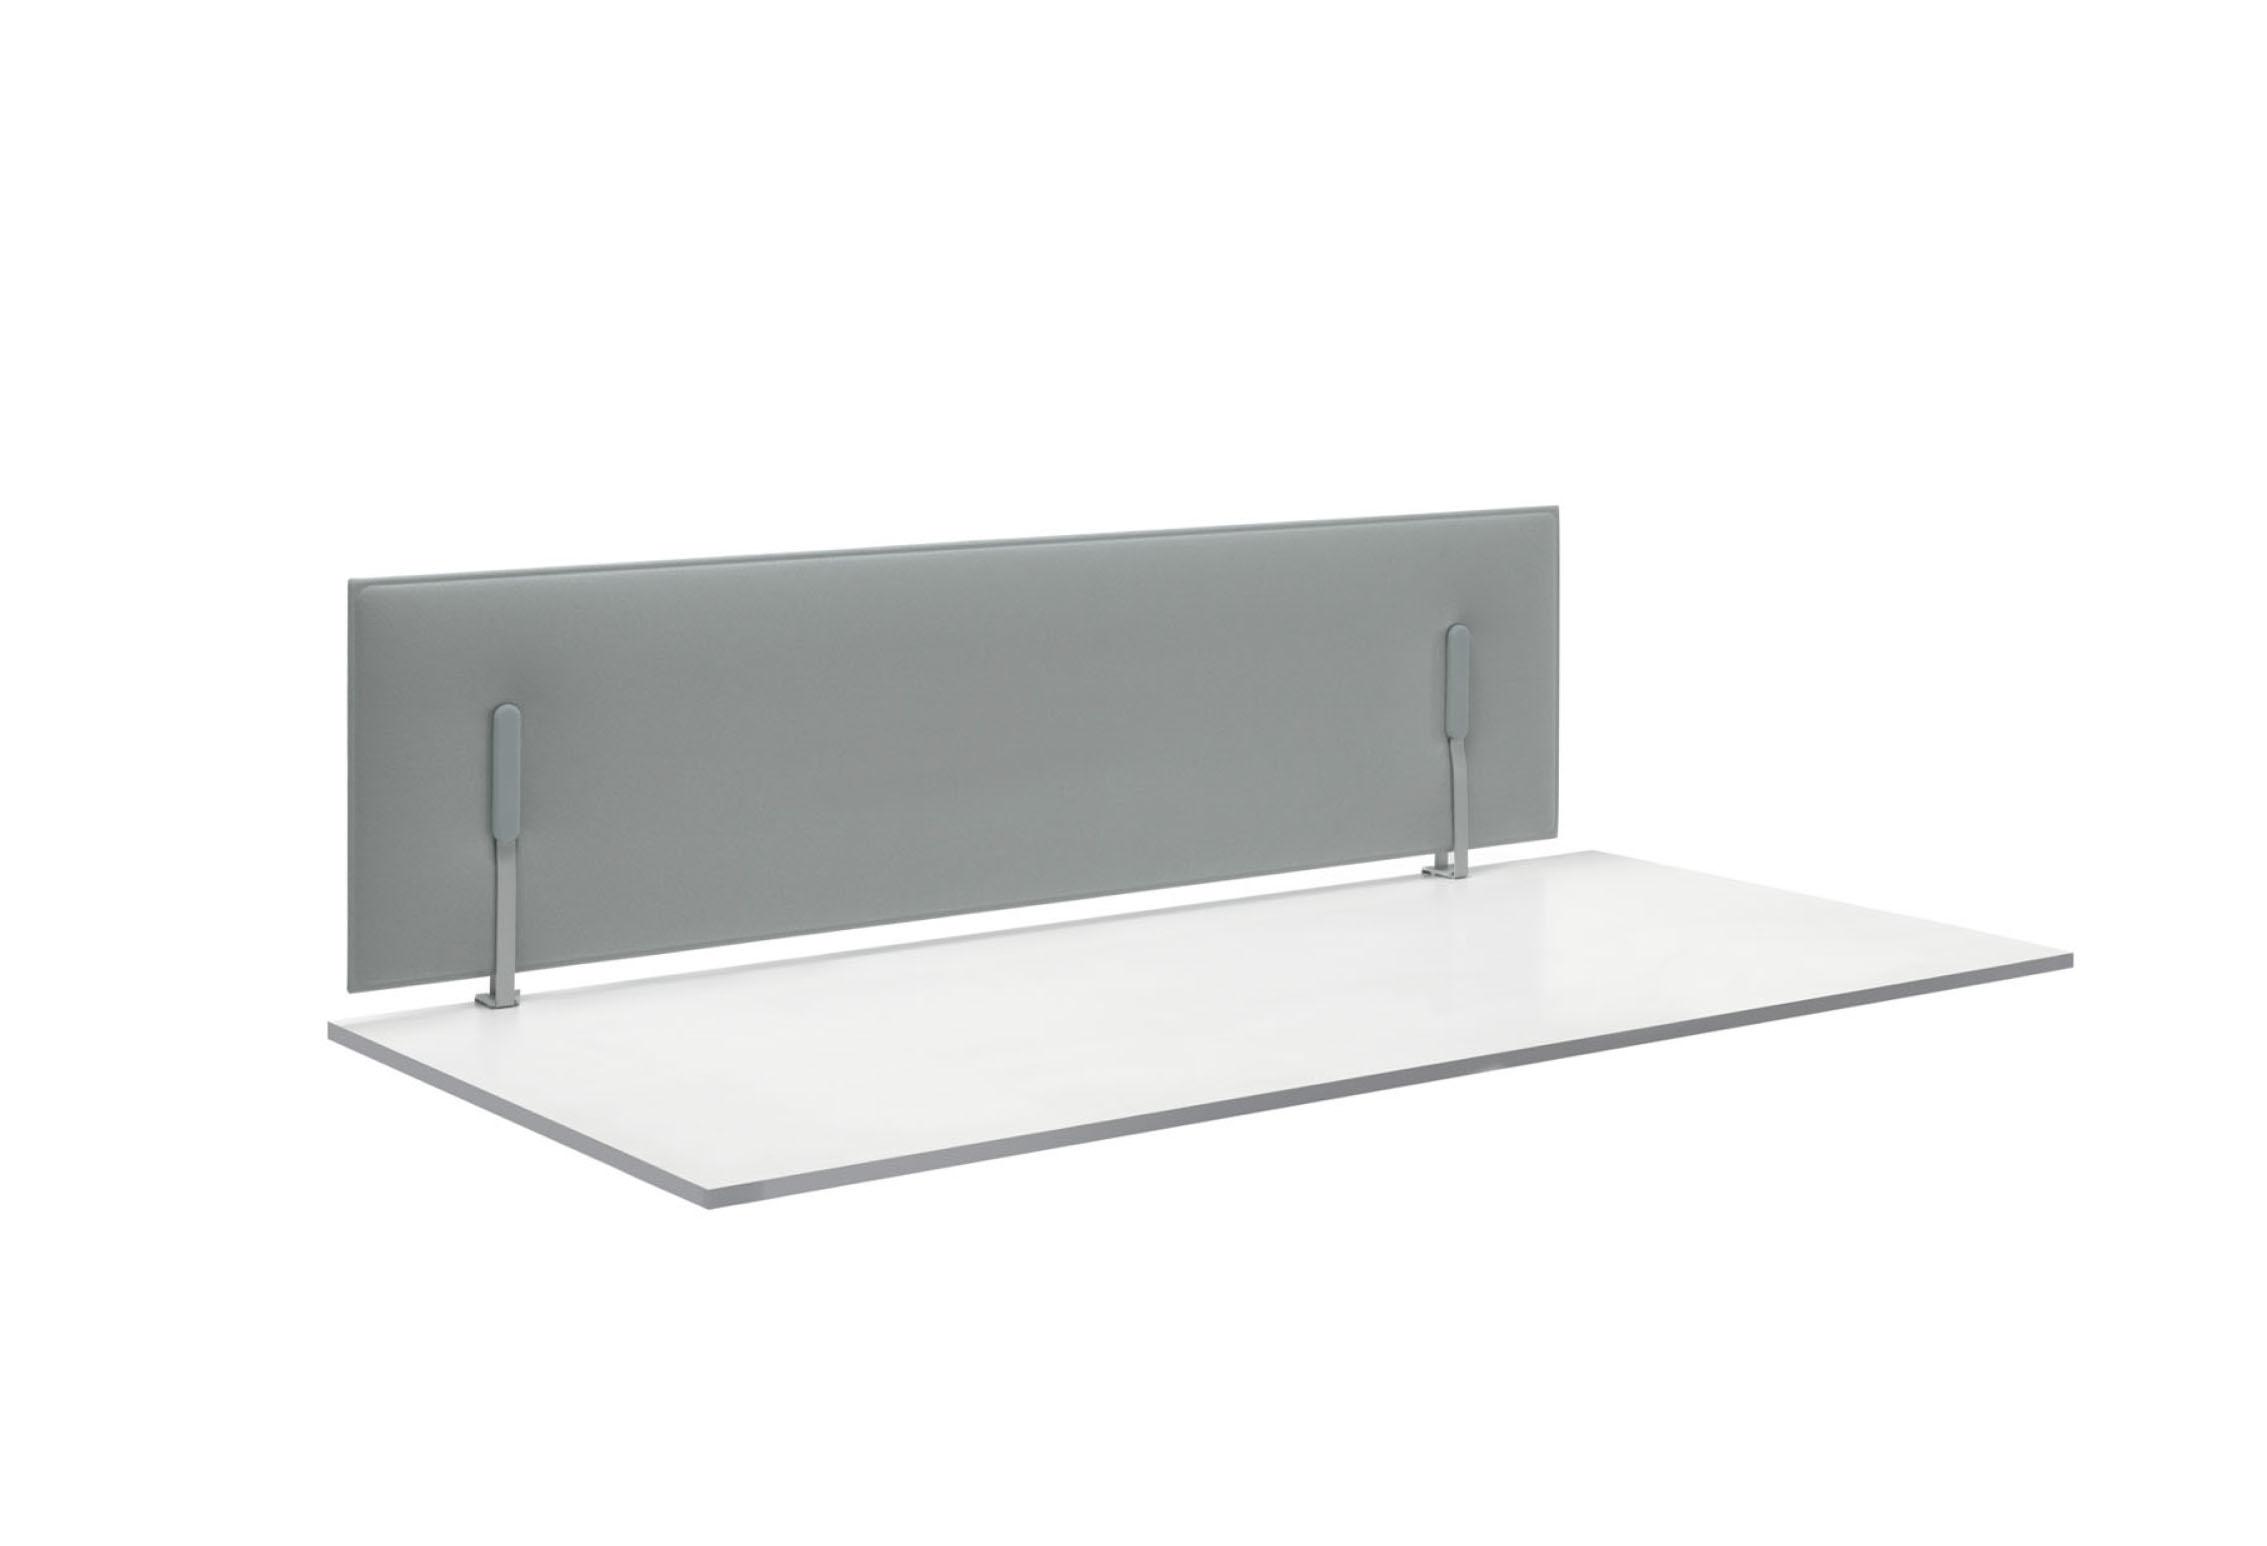 Caimi Mitesco Desk - Gamme de panneaux acoustiques pour bureaux